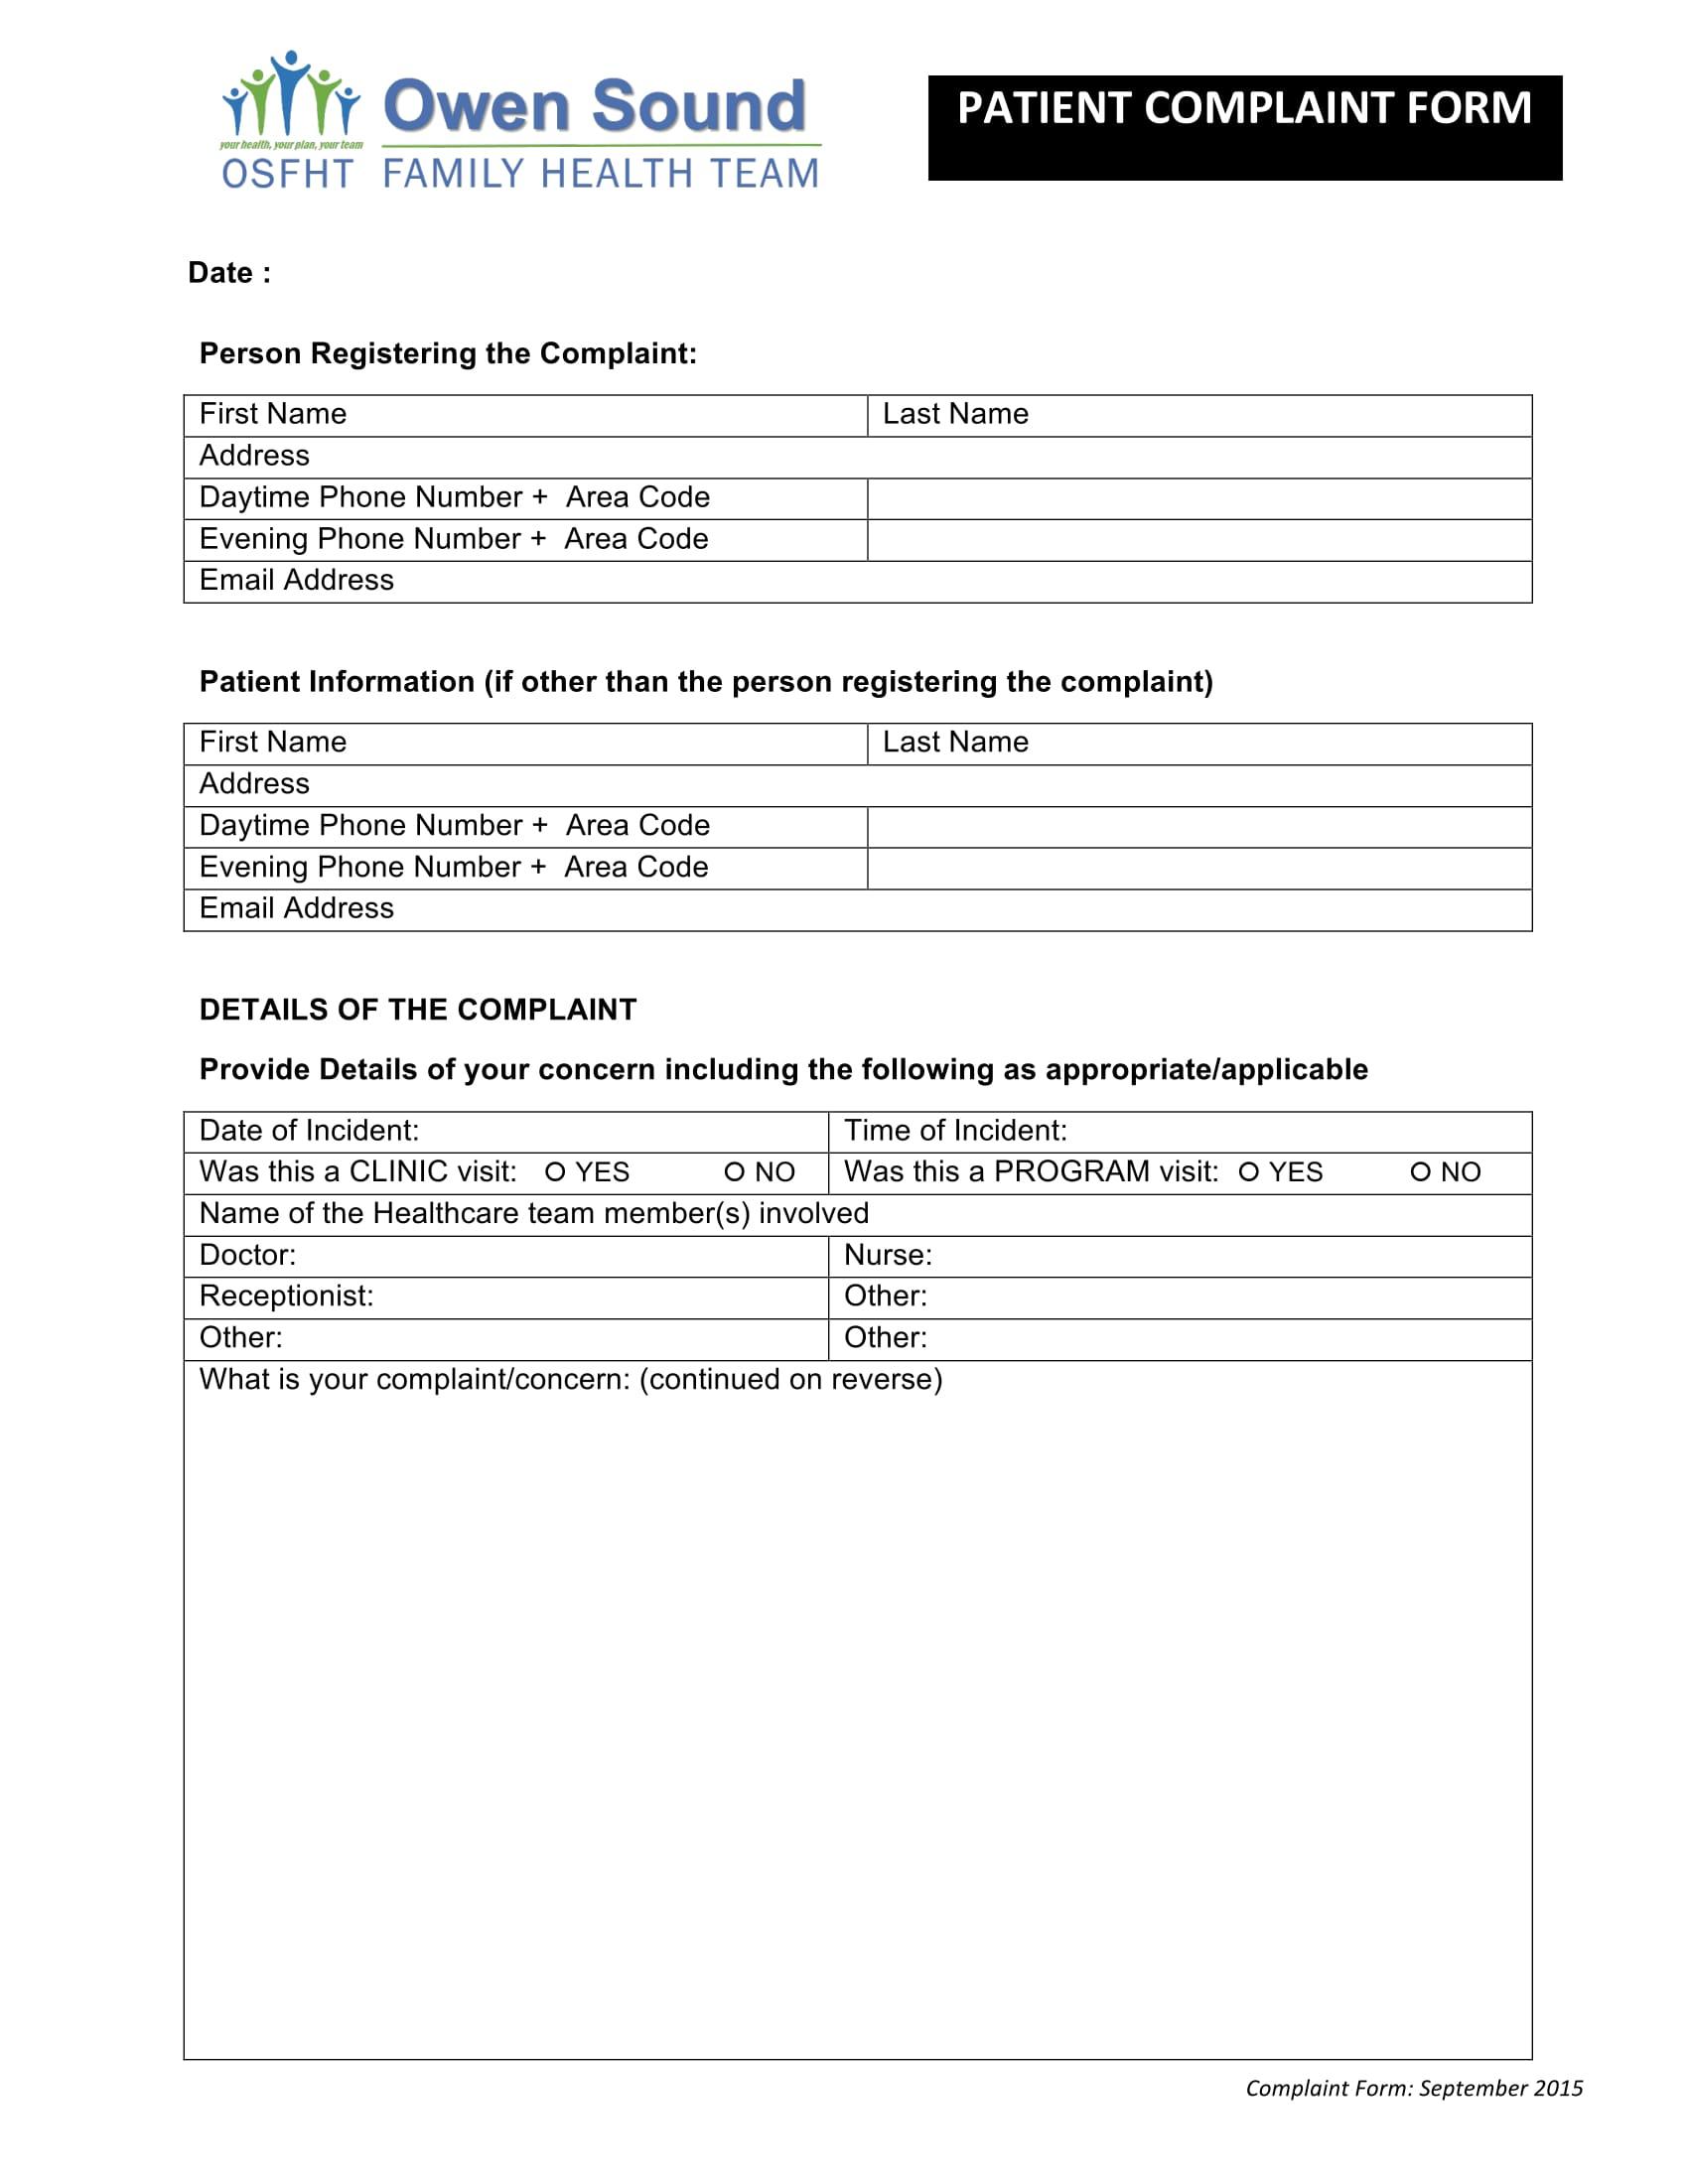 standard patient complaint form 1